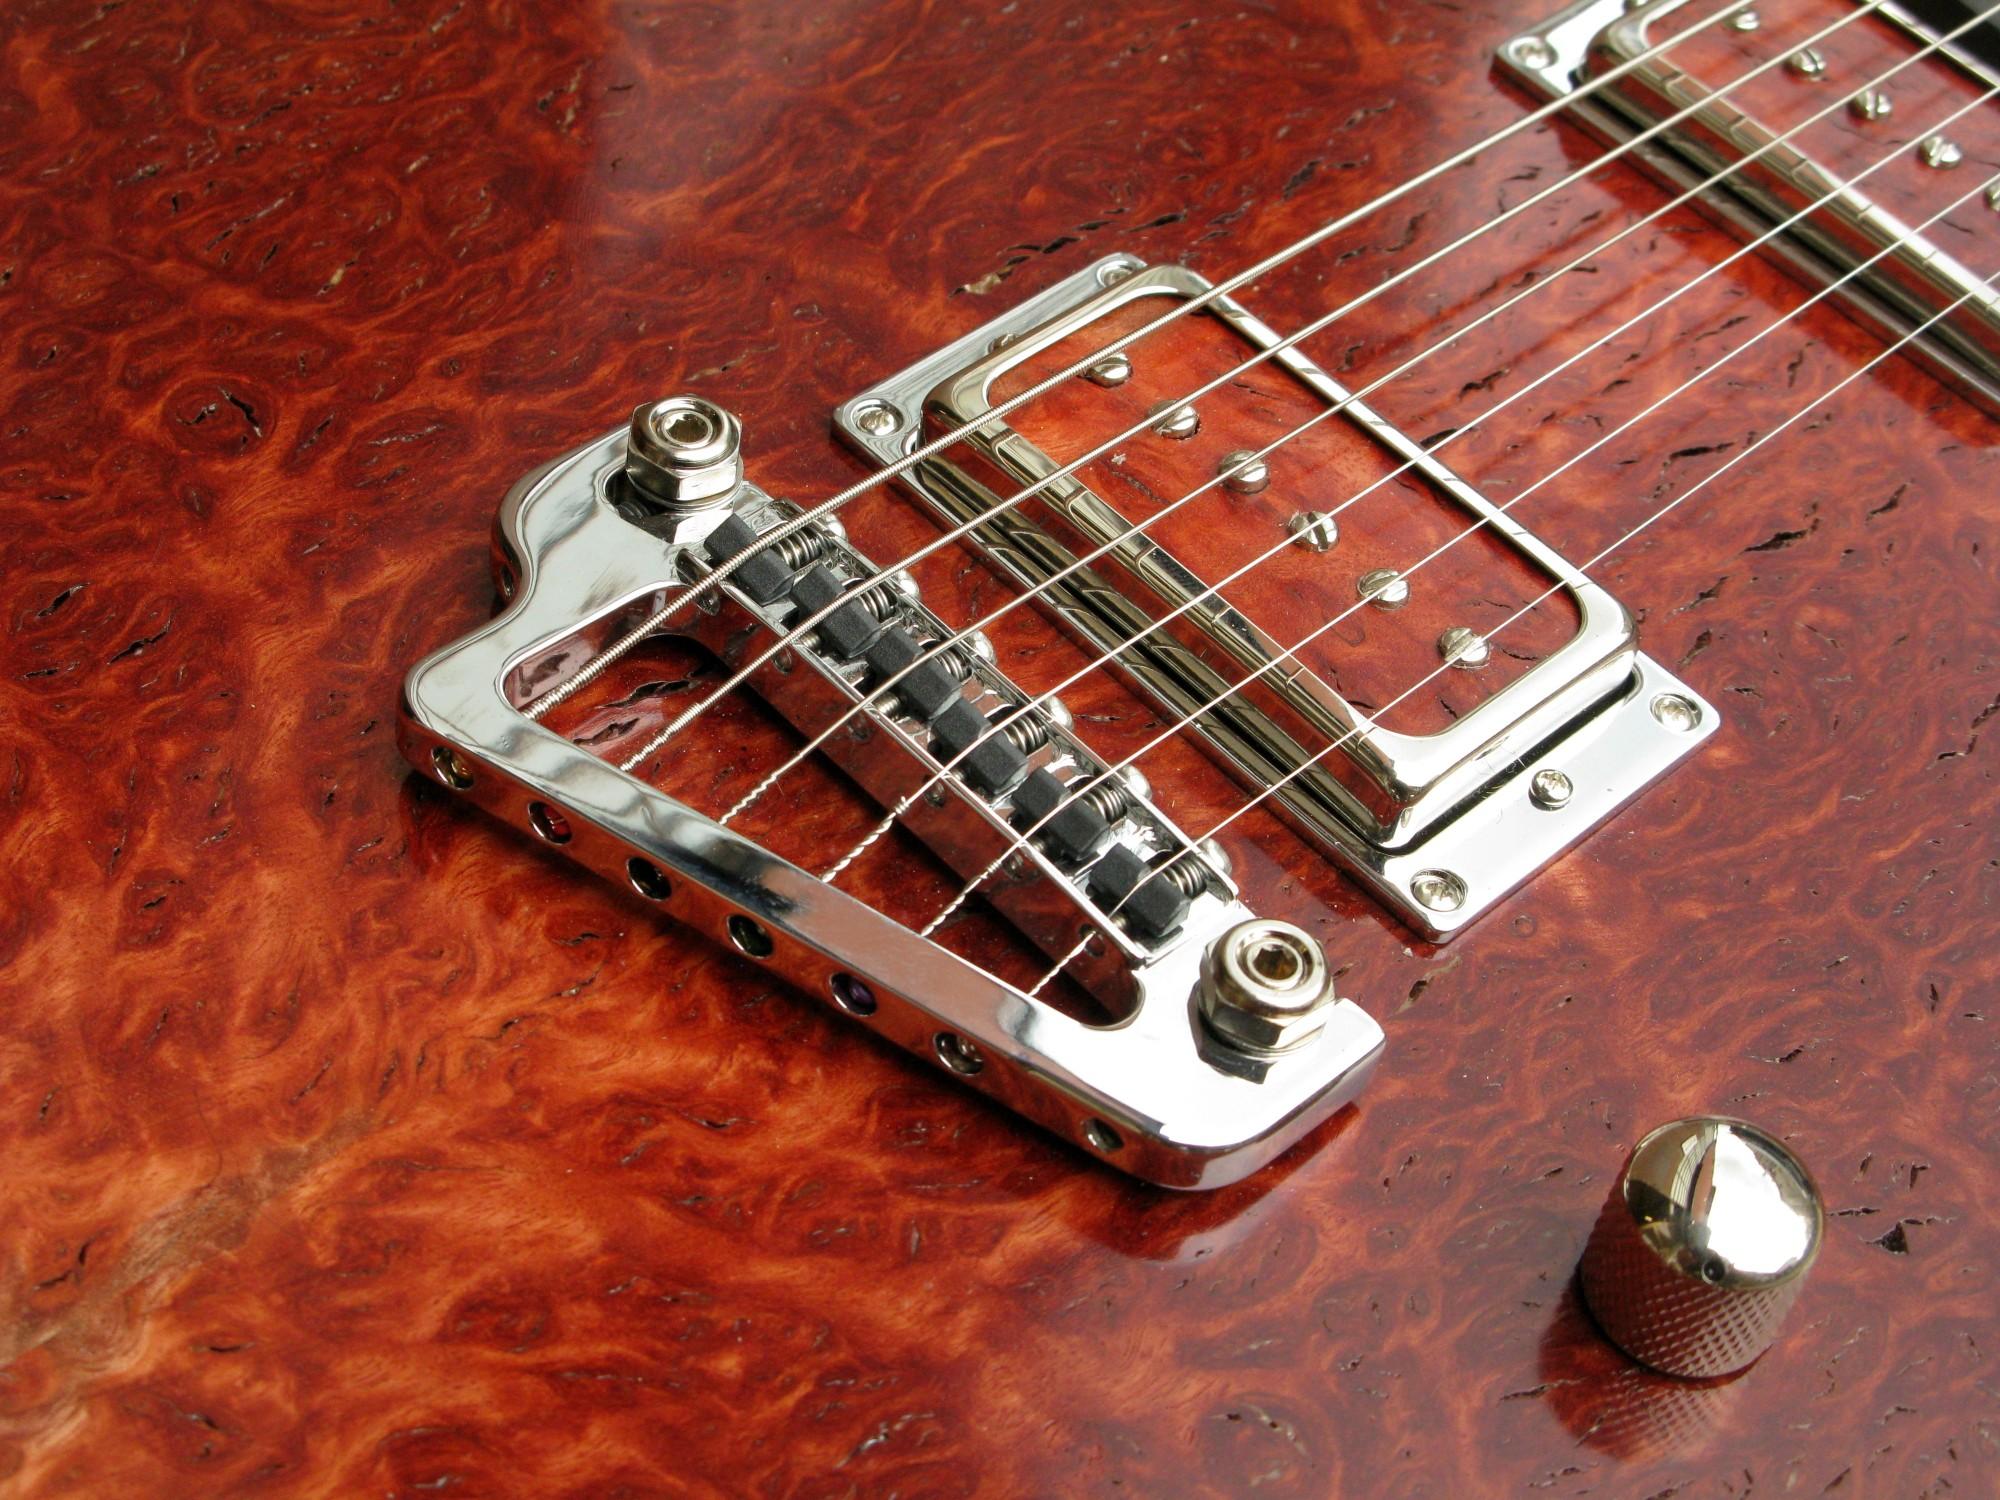 Ponte di una chitarra Telecaster in black korina e top burl red